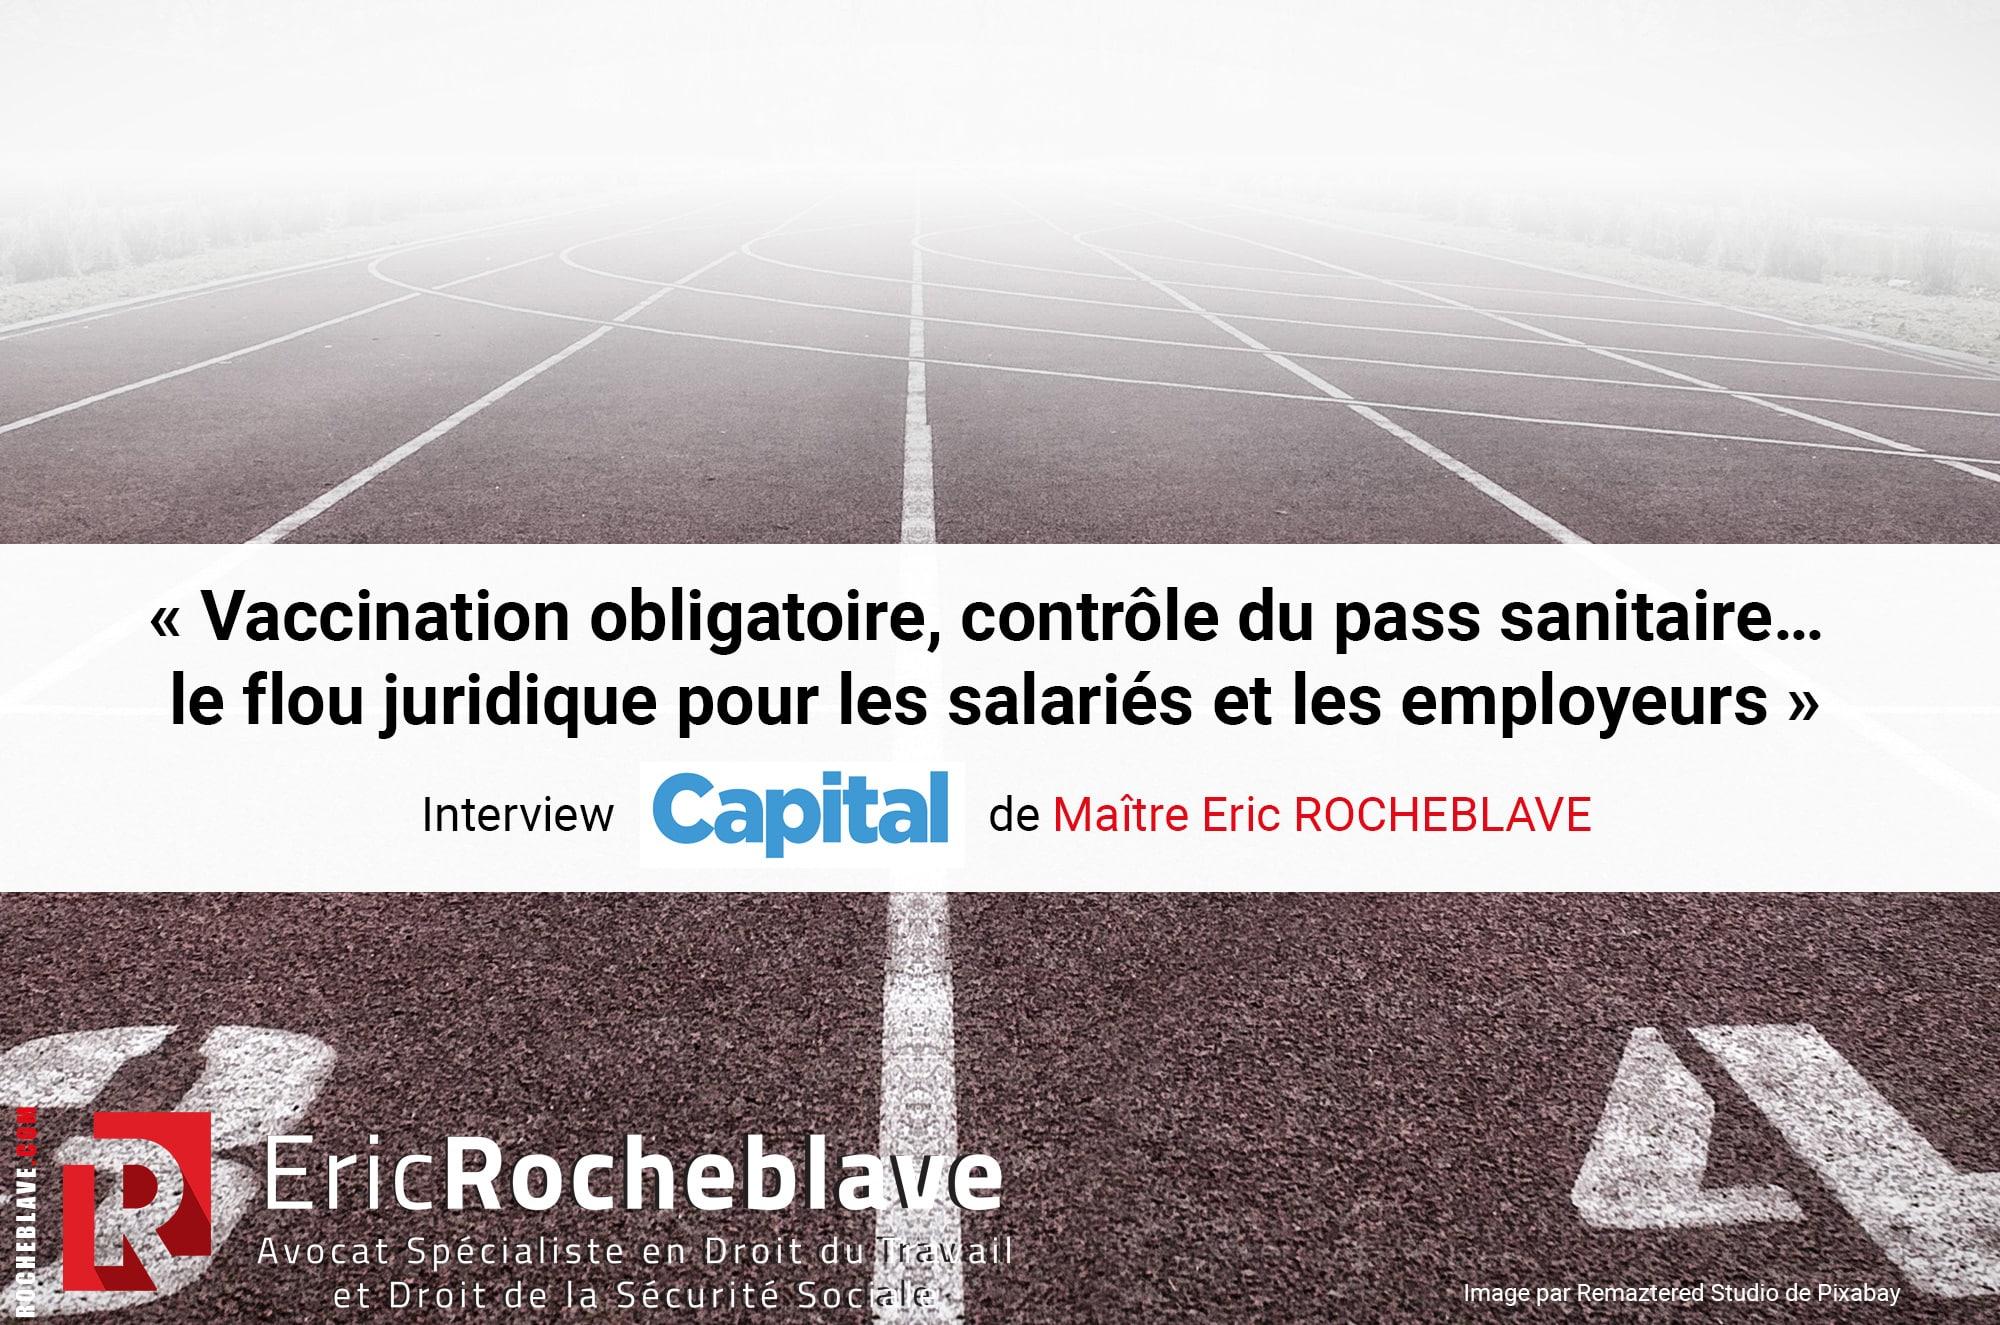 « Vaccination obligatoire, contrôle du pass sanitaire… le flou juridique pour les salariés et les employeurs » Interview CAPITAL de Maître Eric ROCHEBLAVE